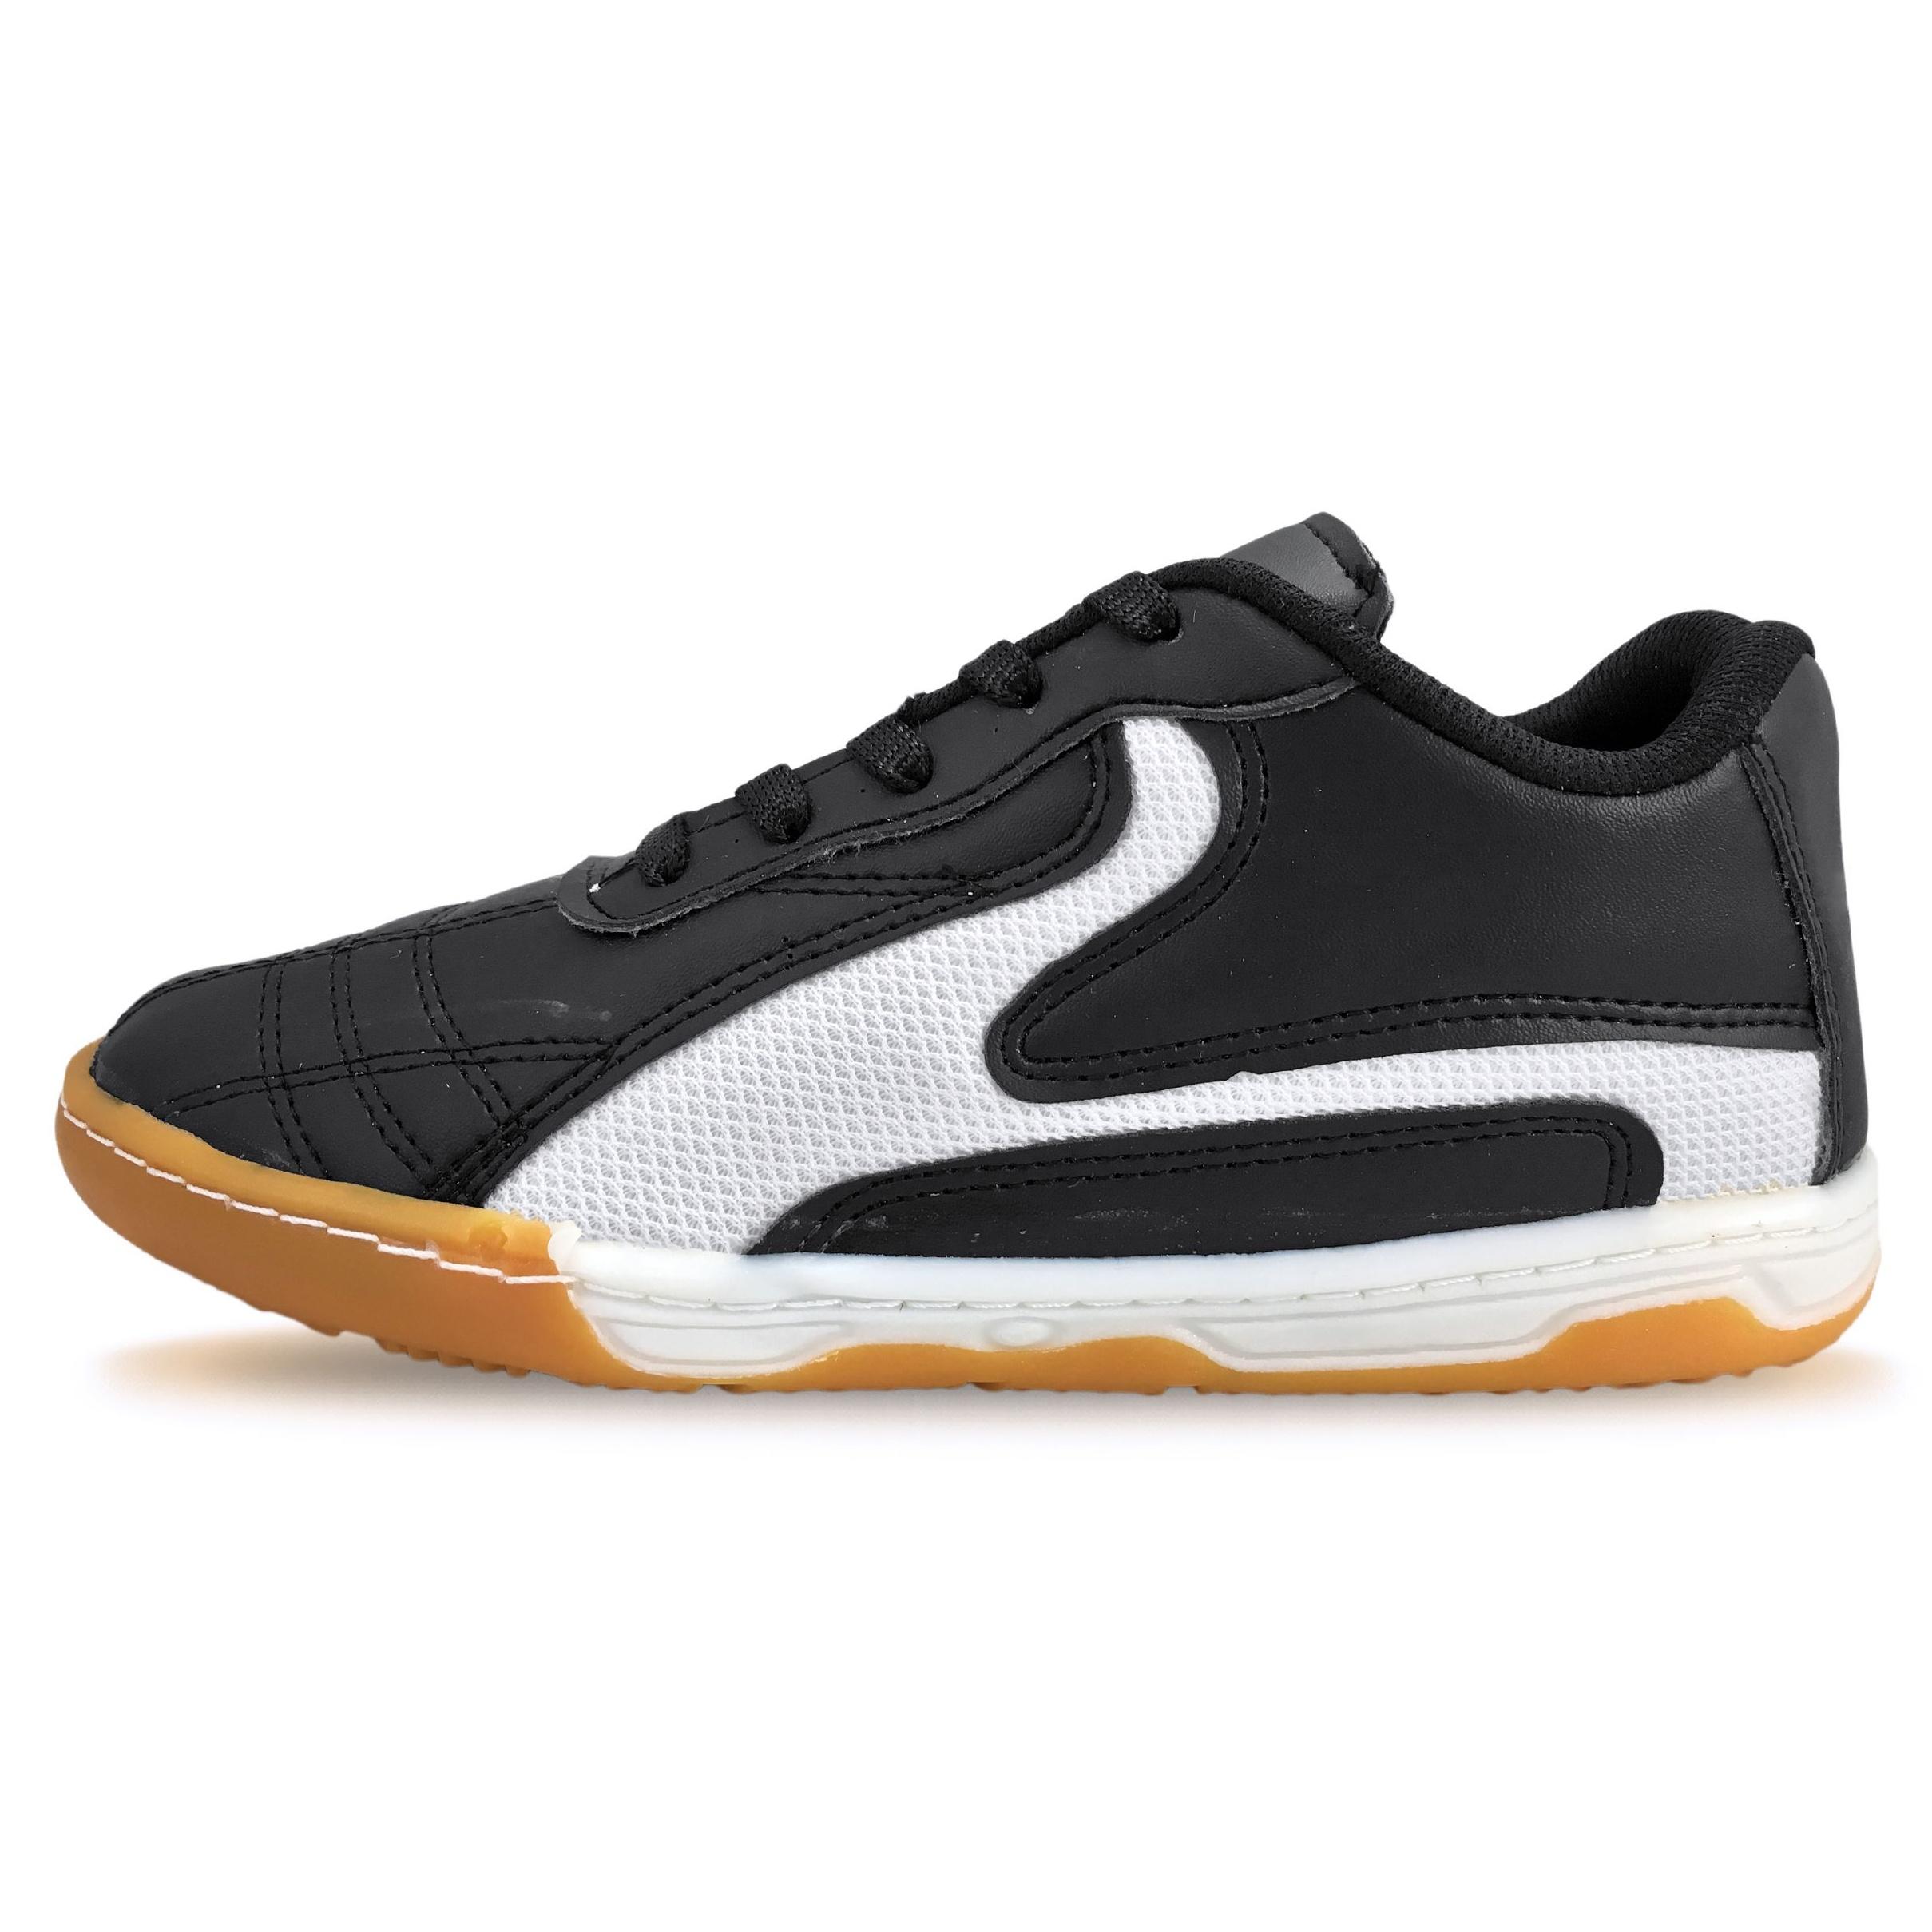 کفش فوتسال مردانه مدل کاپ کد 3790